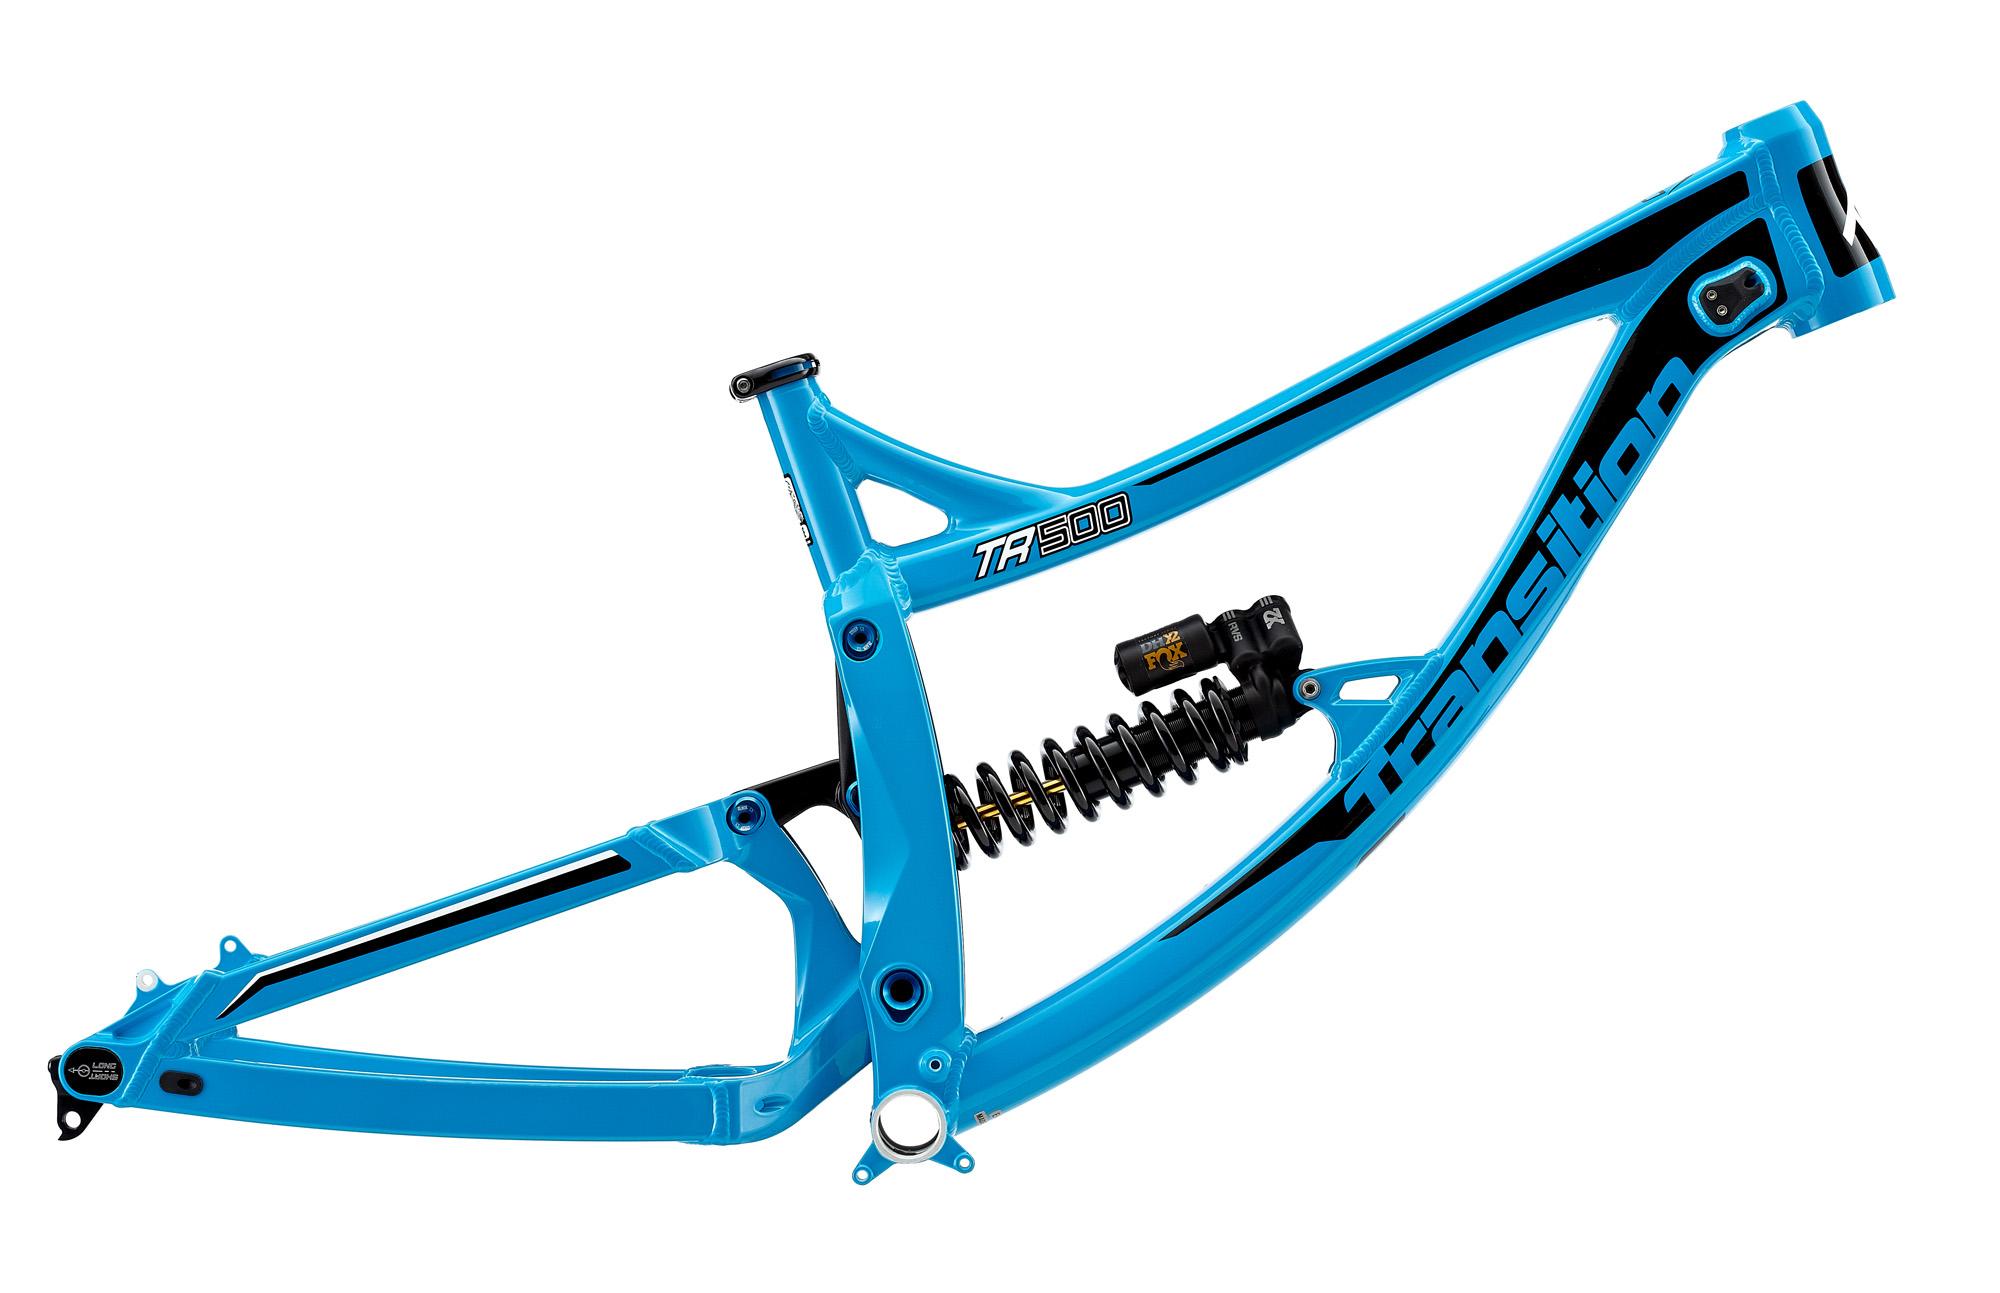 Das TR500 ist sowohl als Rahmenset, als auch als komplettes Bike erhältlich.